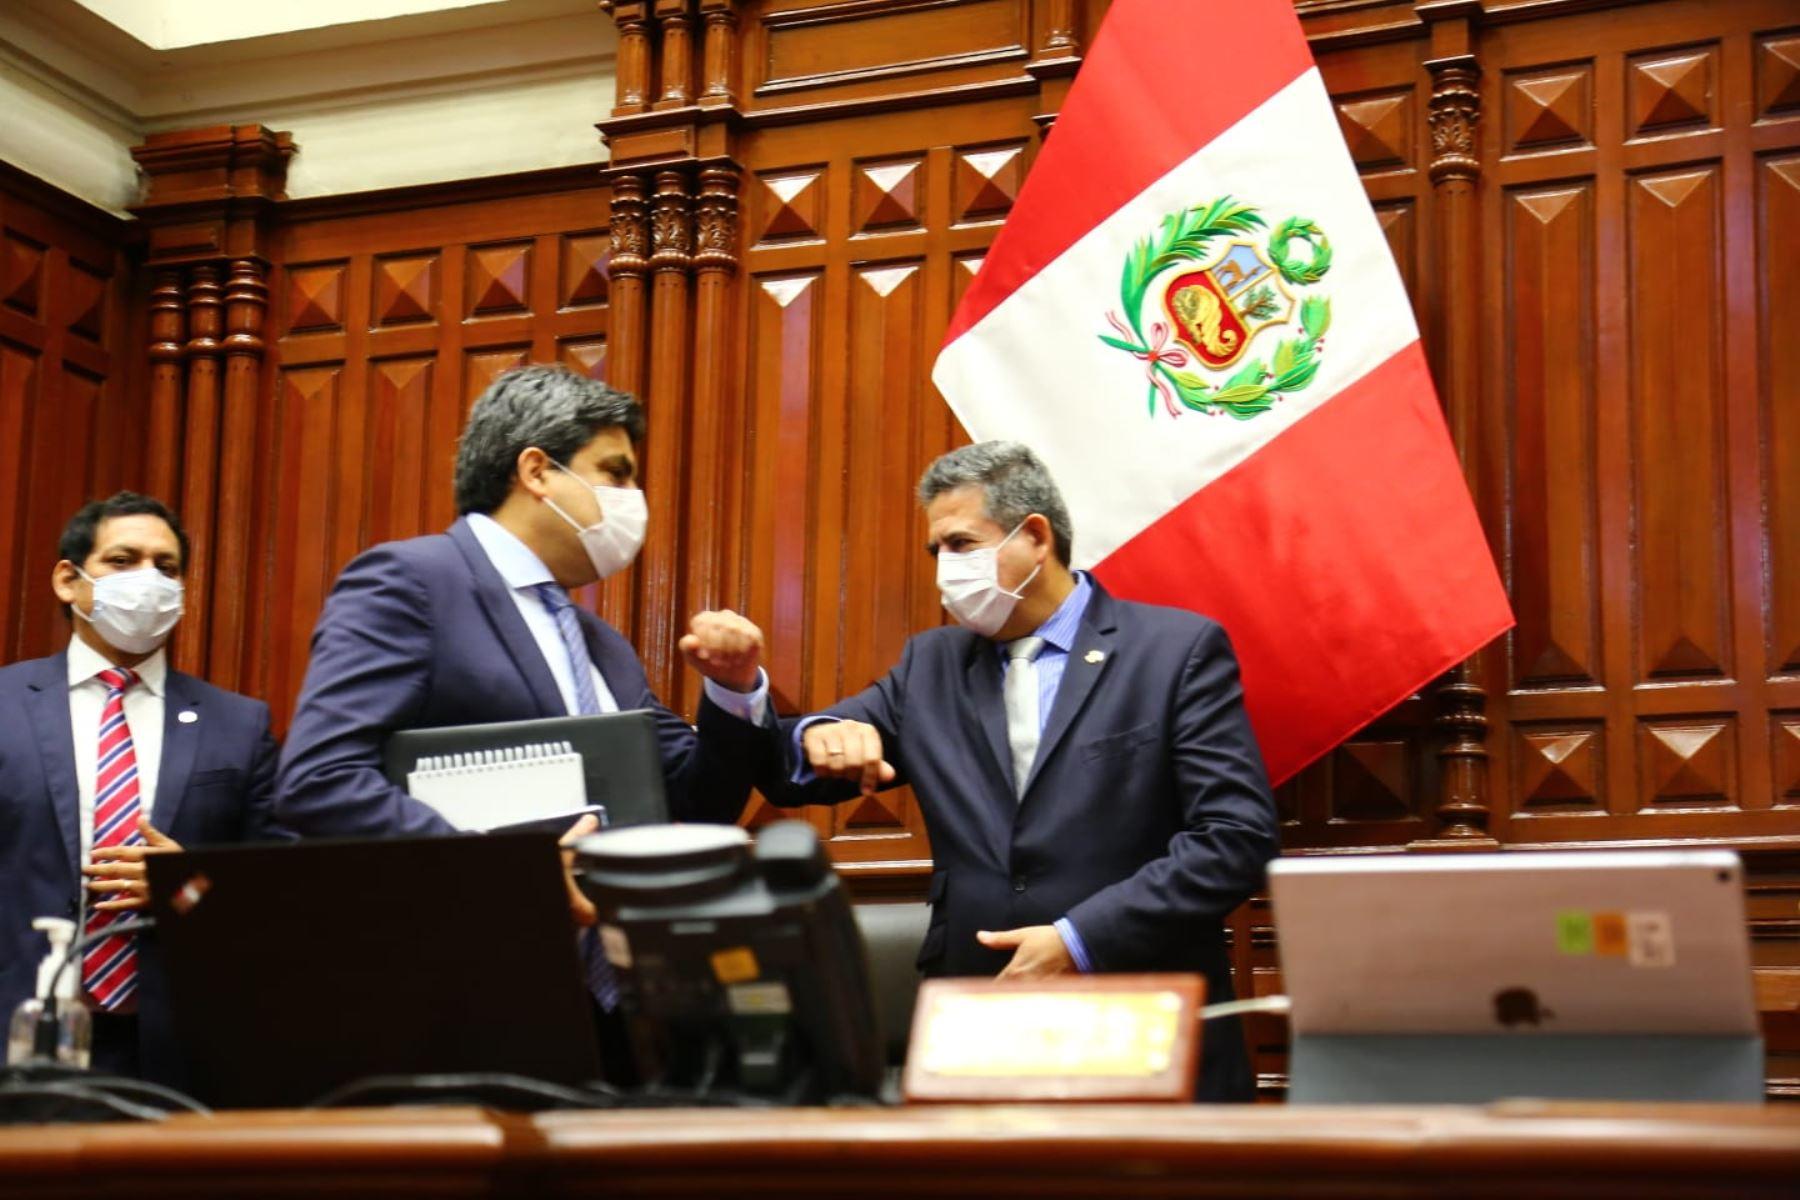 Ministro de Educación, Martín Benavides saluda al presidente del Congreso Manuel Merino de Lama. Foto: Congreso de la República